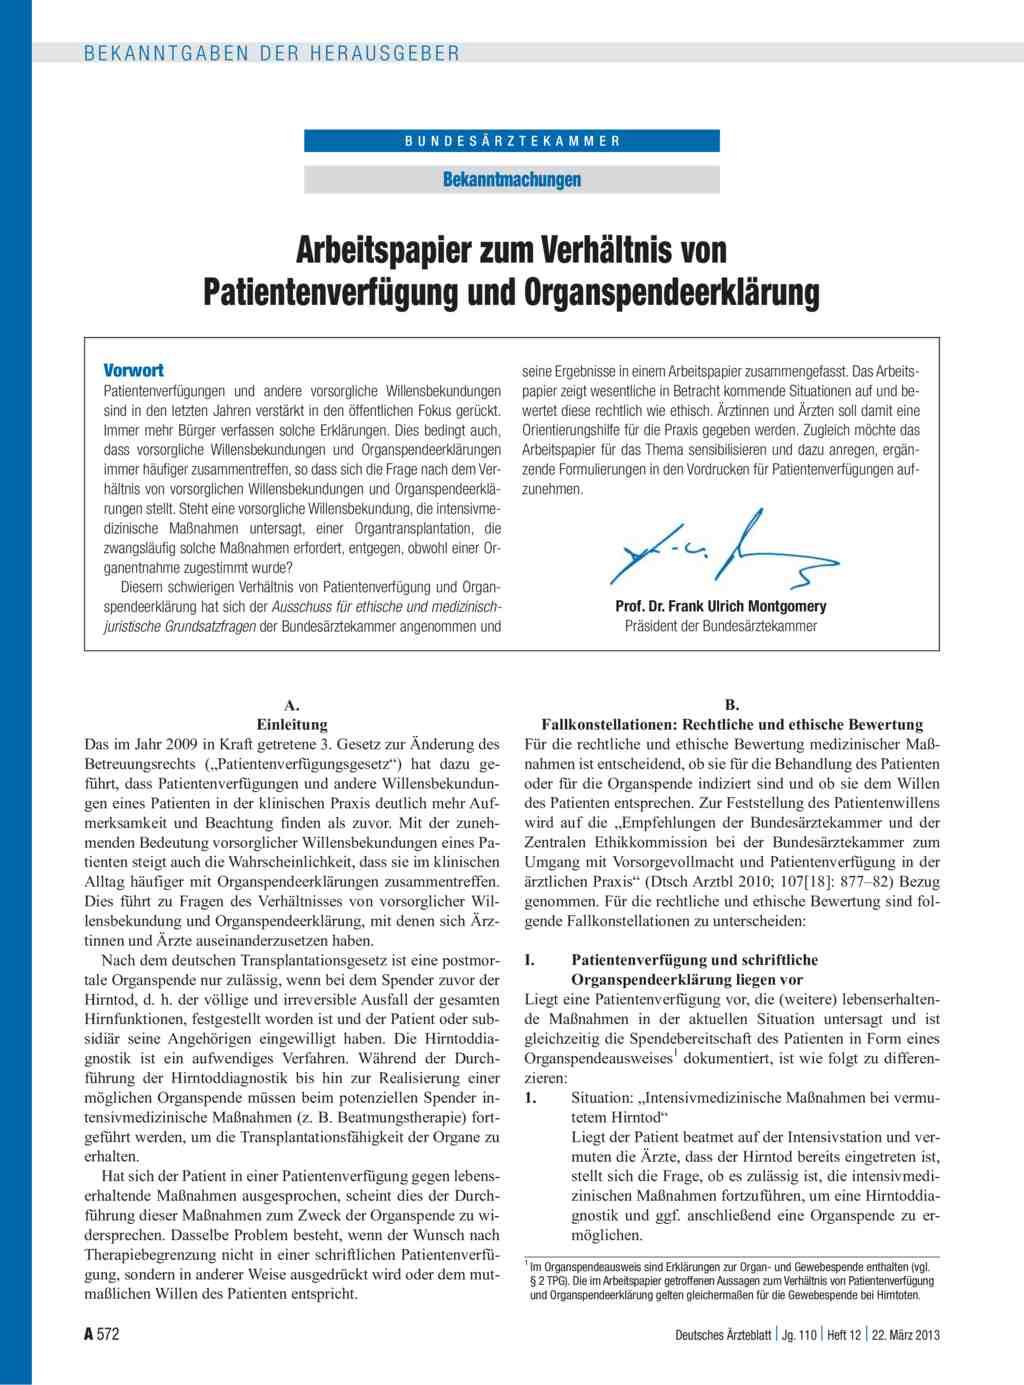 Arbeitspapier zum Verhältnis von Patientenverfügung und ...